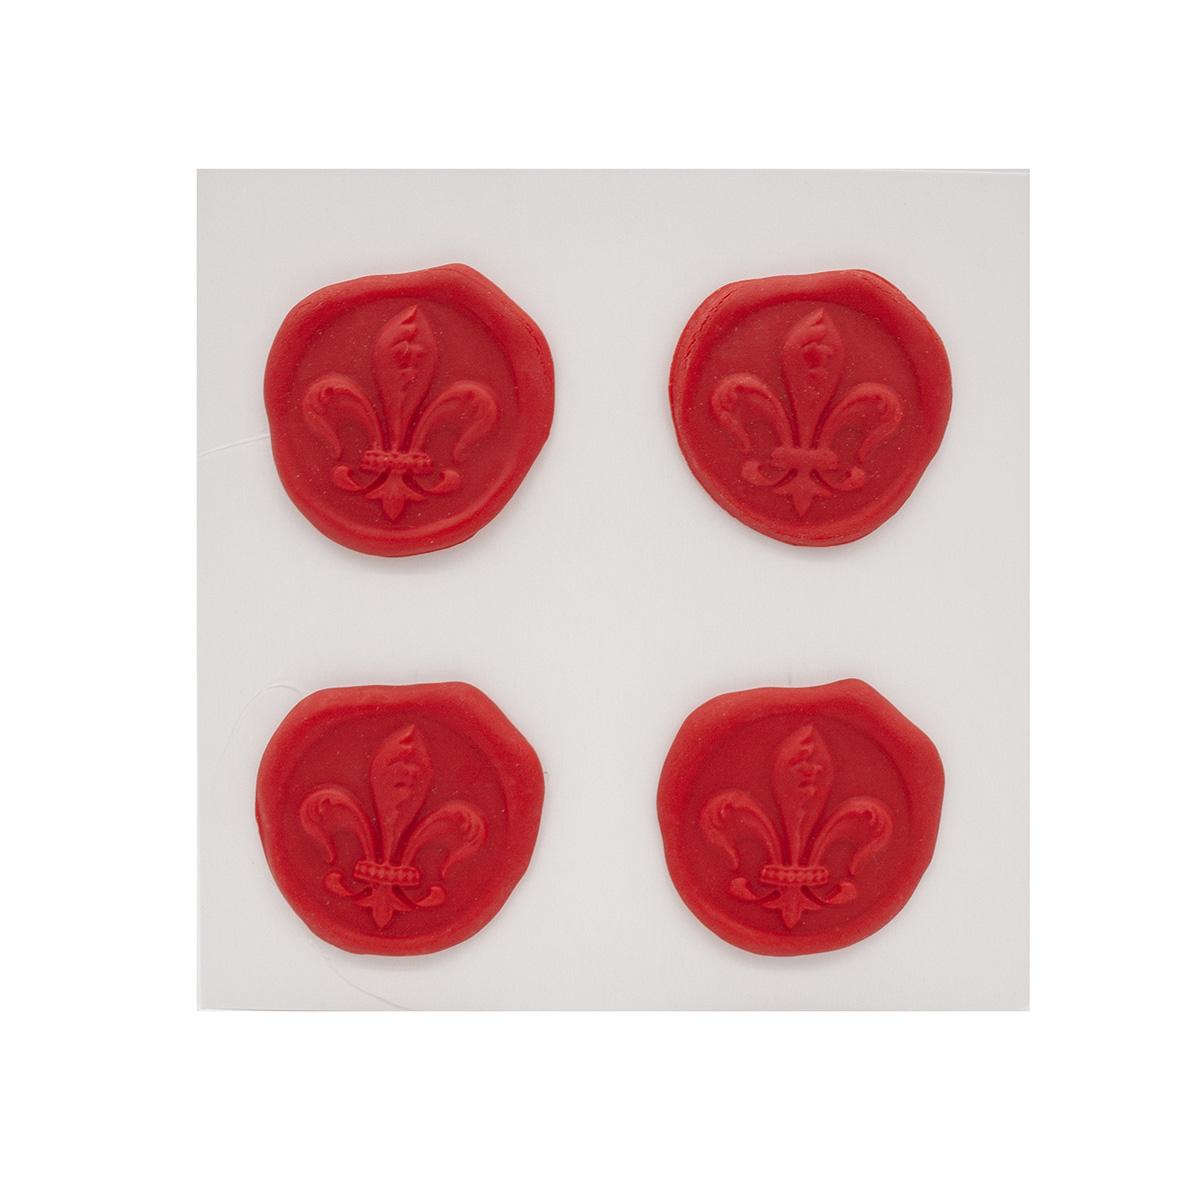 Оттиски печатей из полимерной глины 'Лилия' 30*35мм, 4шт/упак Астра